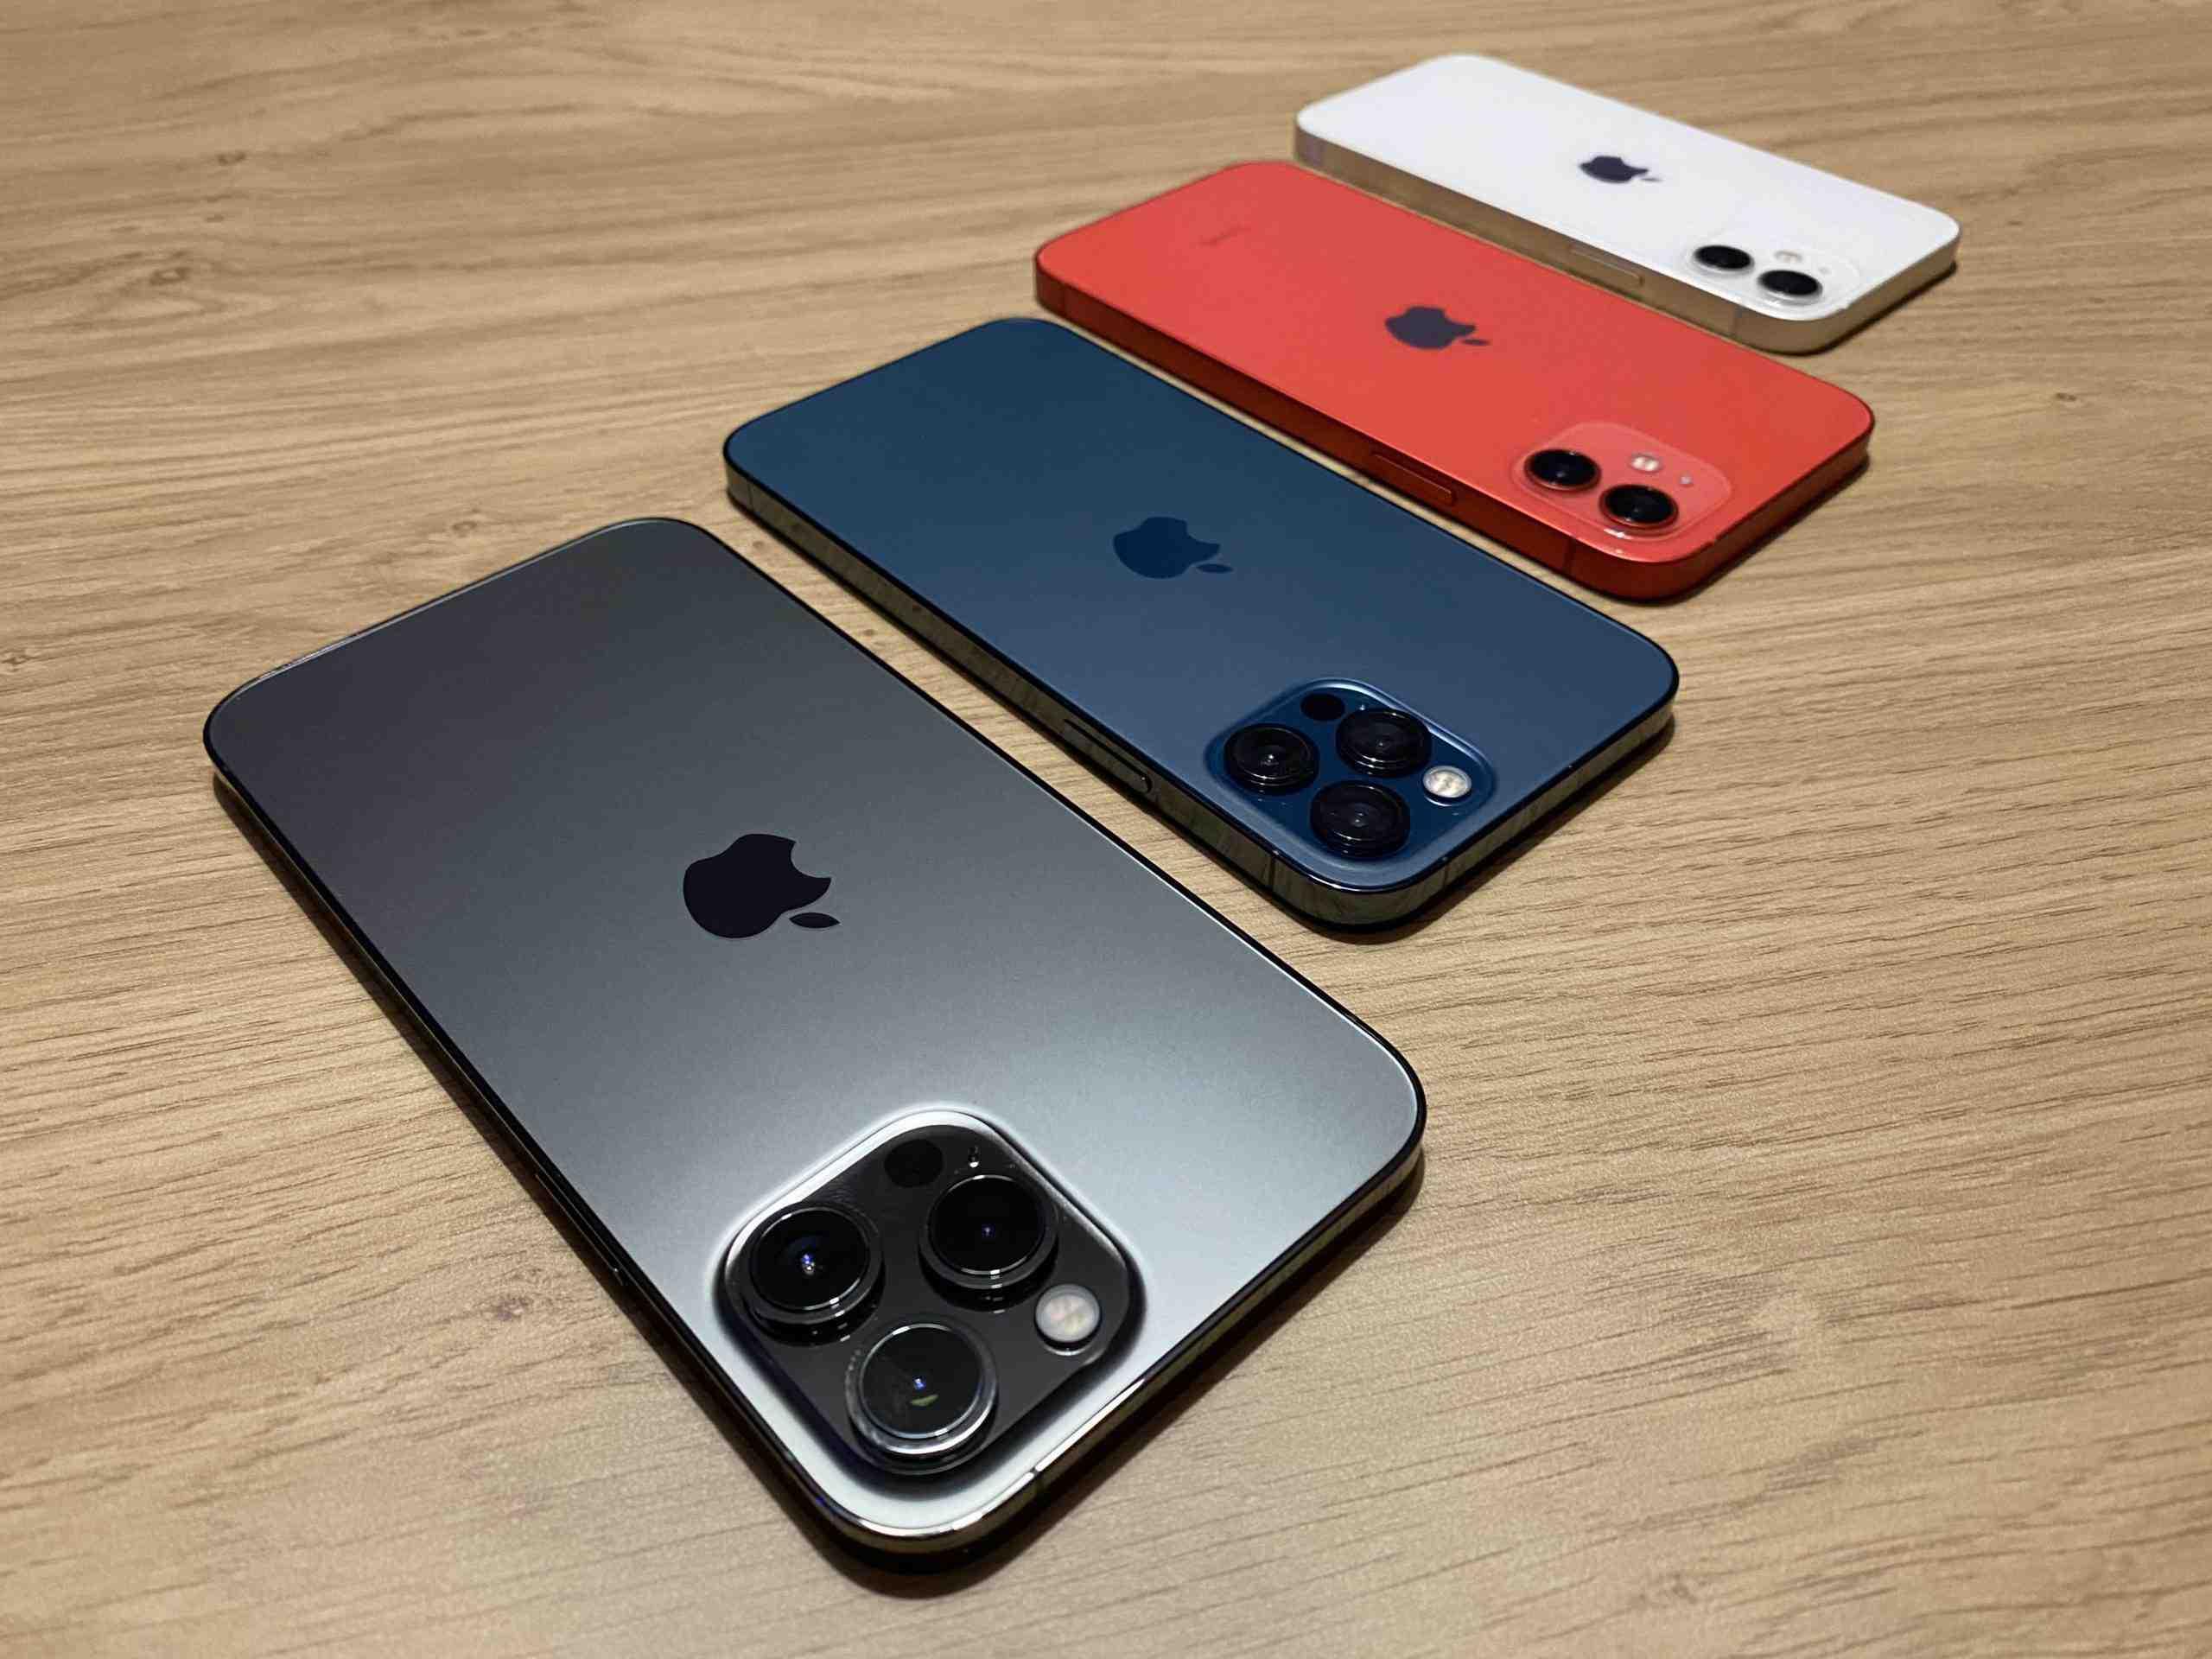 Différence entre l'Iphone 12 pro max et pro